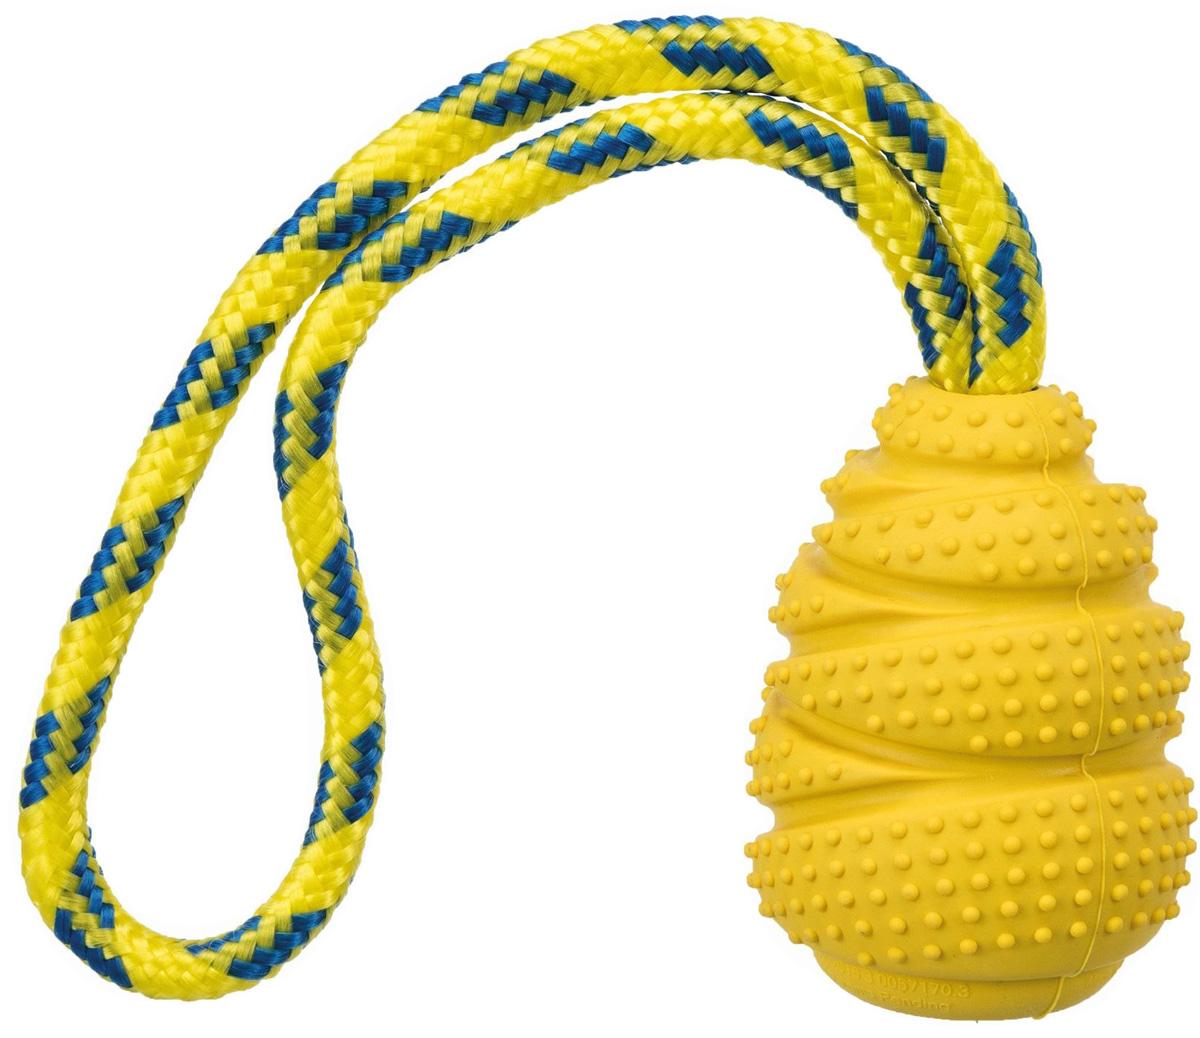 Игрушка для собак Trixie Sporting Прыгун на верёвке резина 7 см 25 см (1 шт)